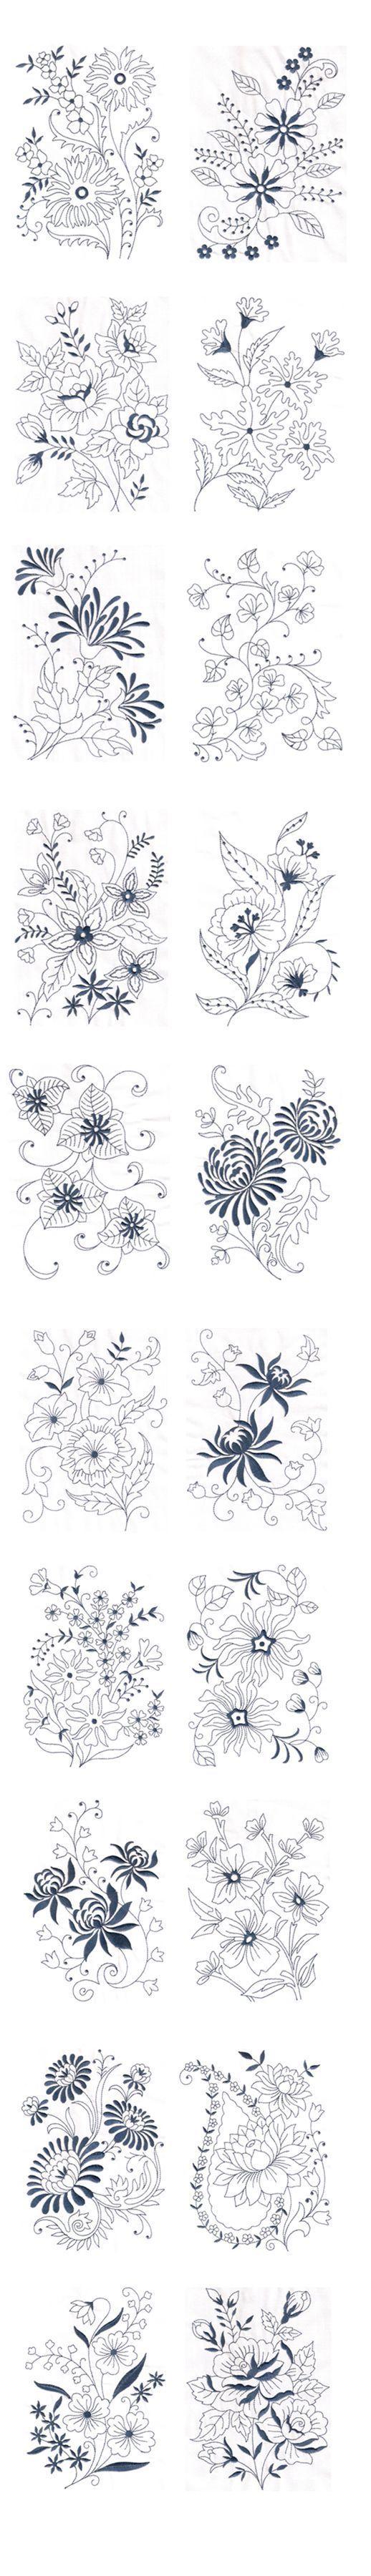 Floral designs... | Bordados | Pinterest | Bordado, Bordado crewel y ...